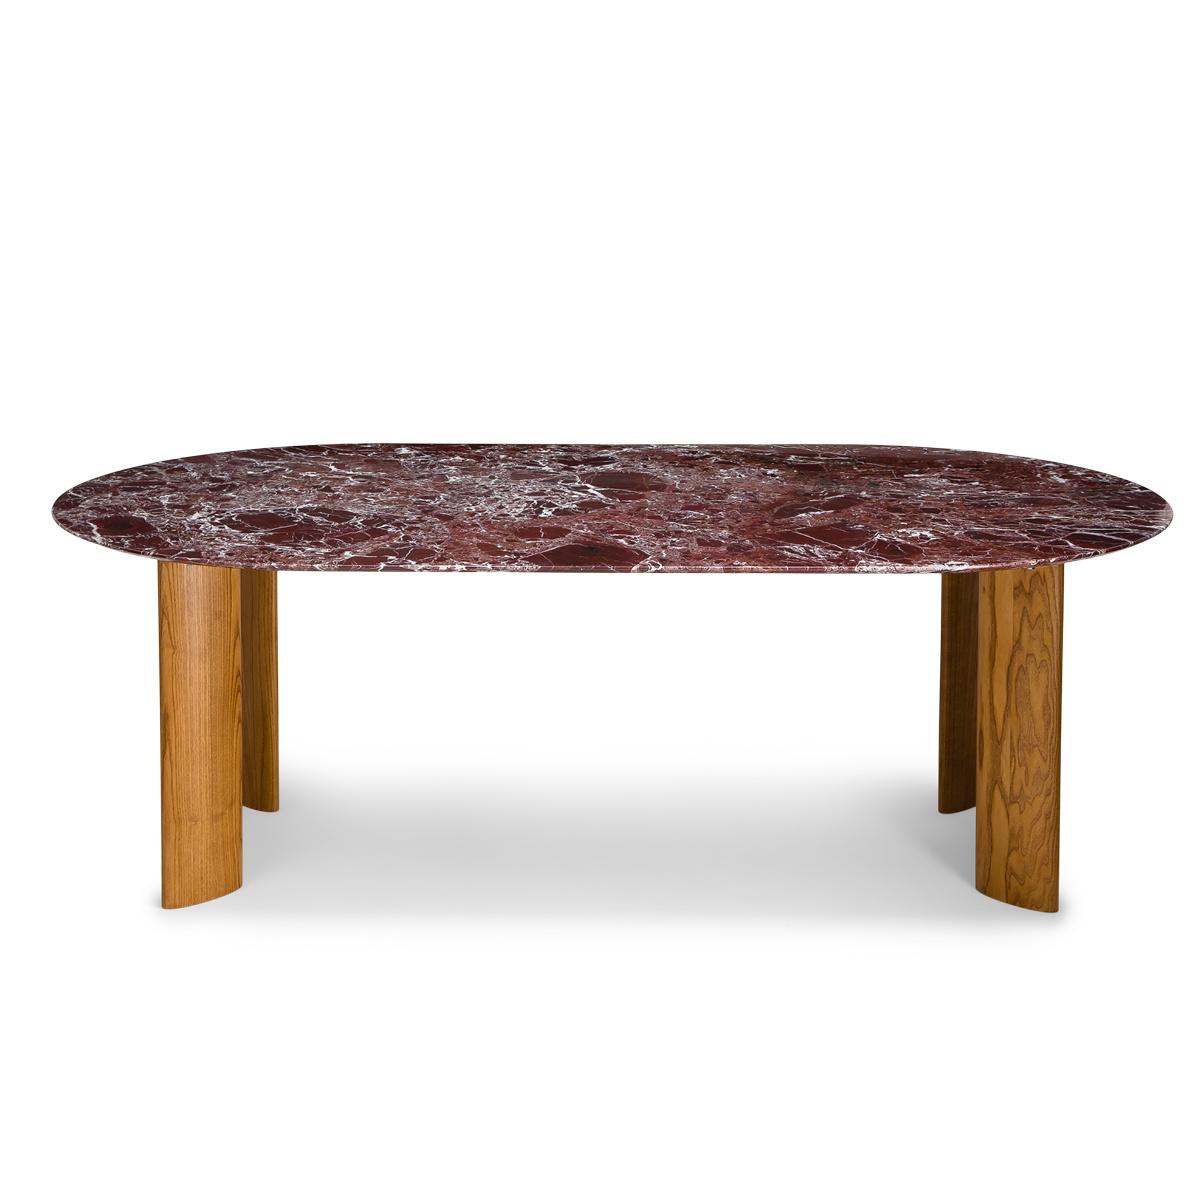 Table de salle à manger Carlotta Alta marbre rouge et pieds frêne finition iroko - 8 places